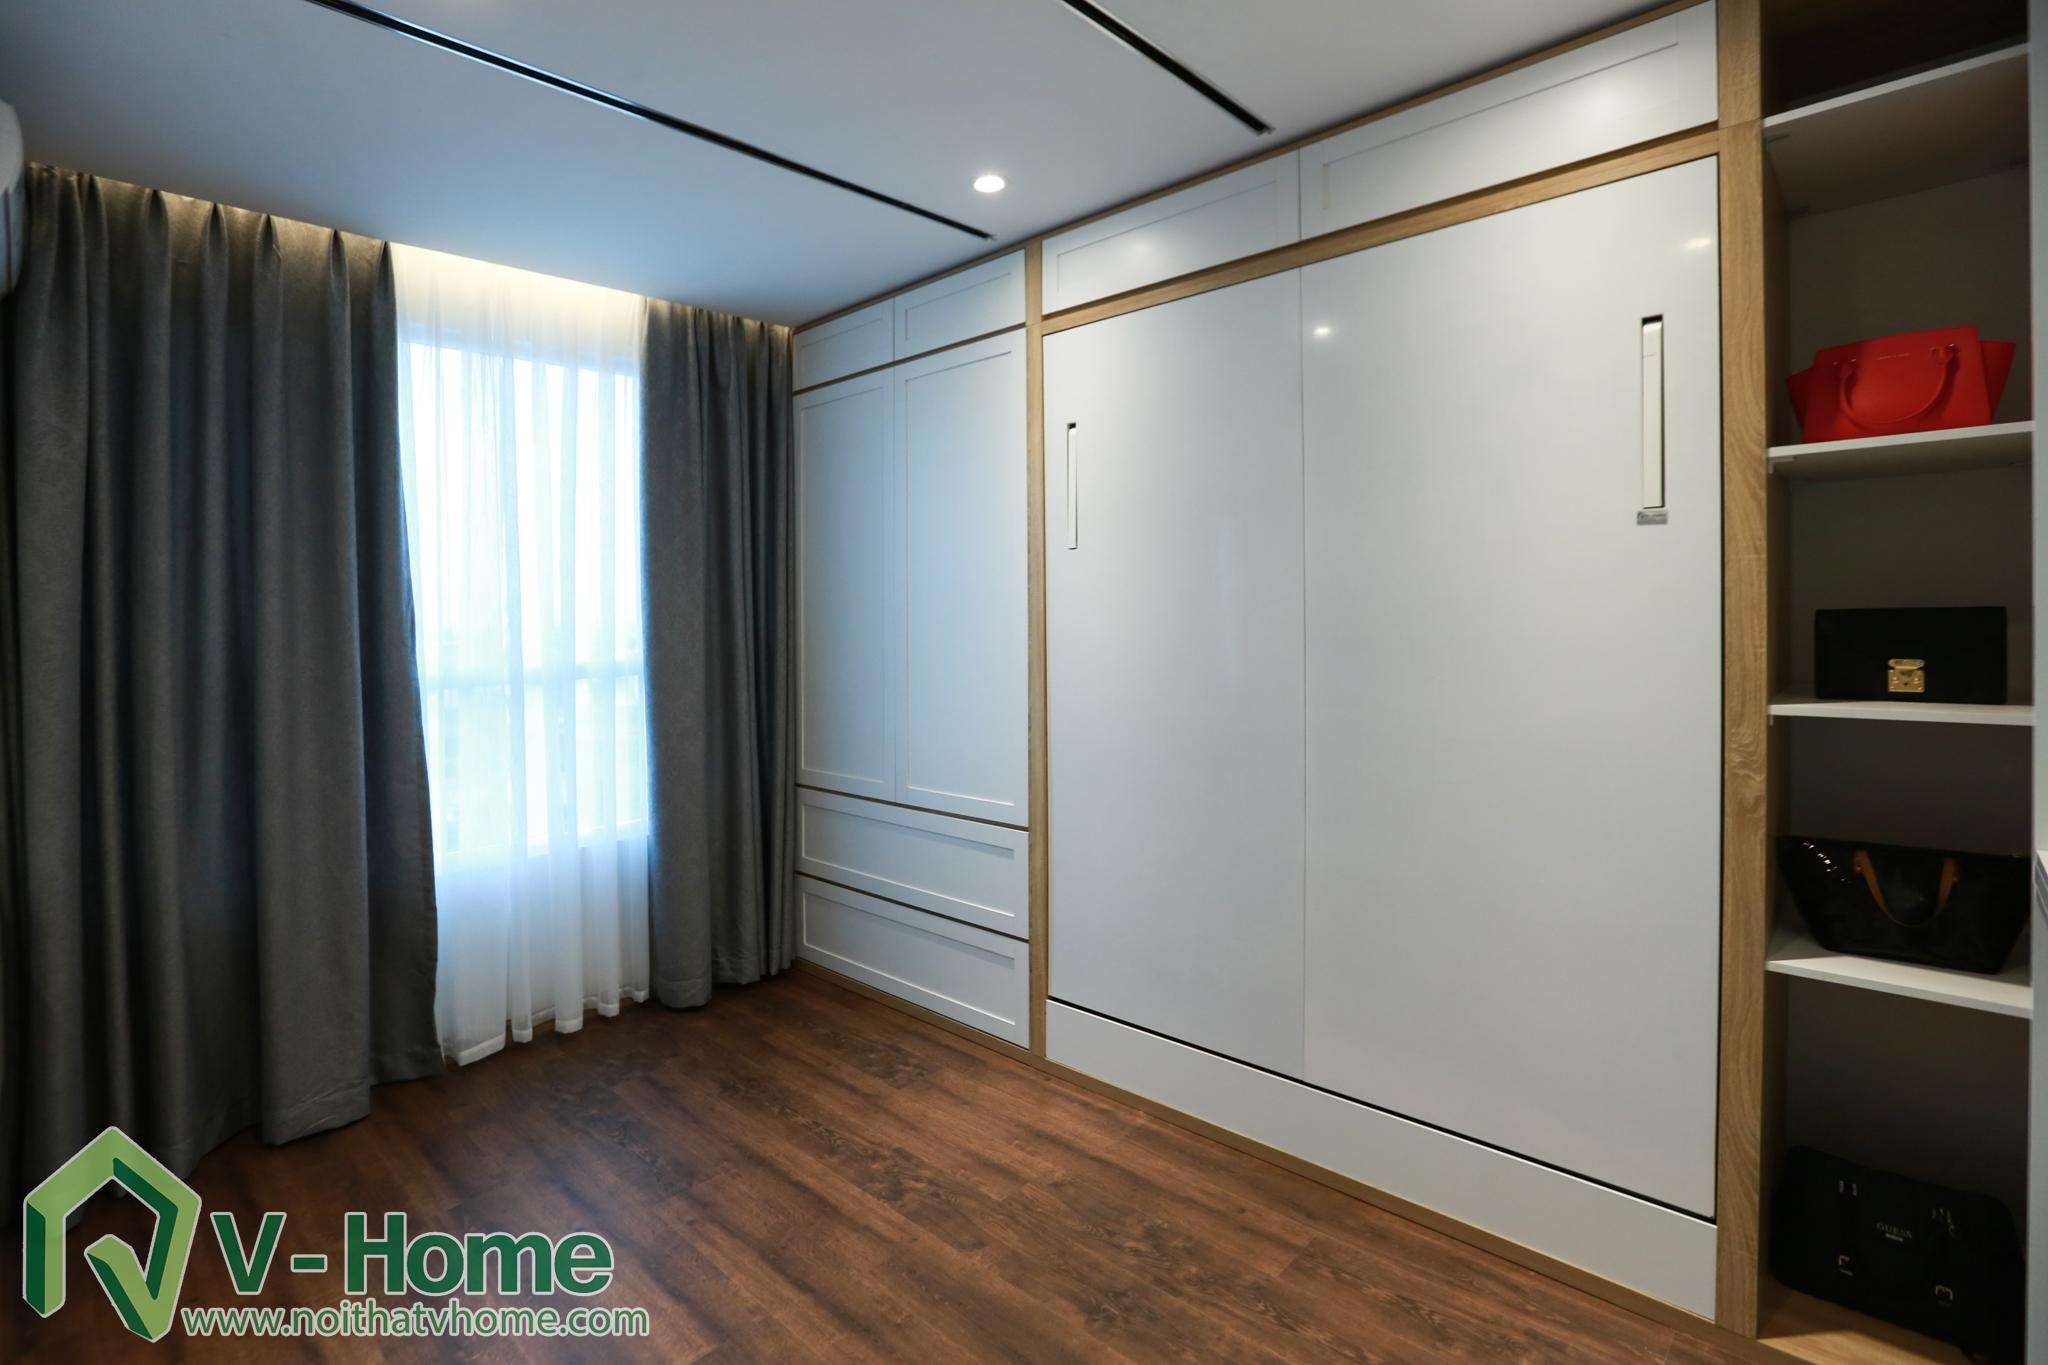 thi-cong-noi-that-chung-cu-verde-16 Căn hộ thông minh – Xu hướng của nội thất tương lai